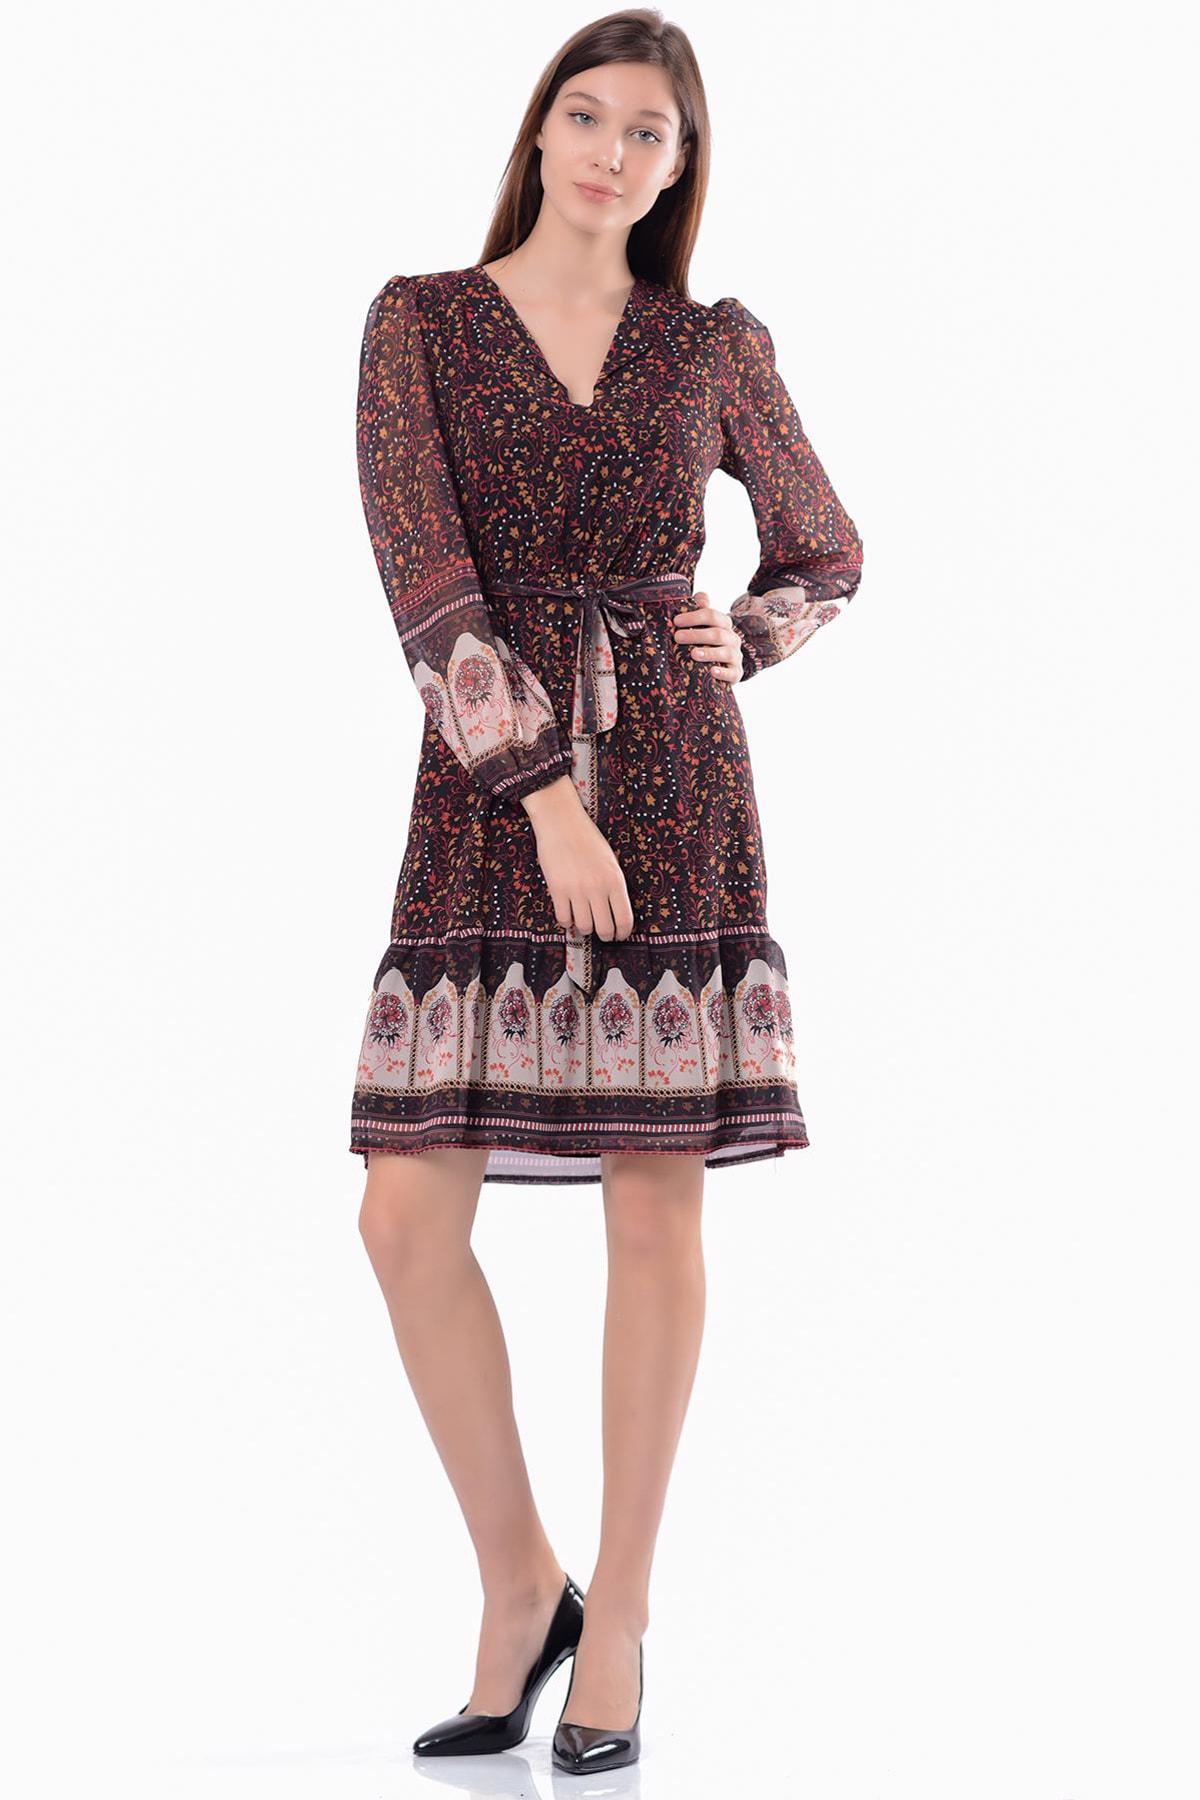 İroni Kadın Siyah & Desenli Kruvaze  Elbise 5301-1333 1